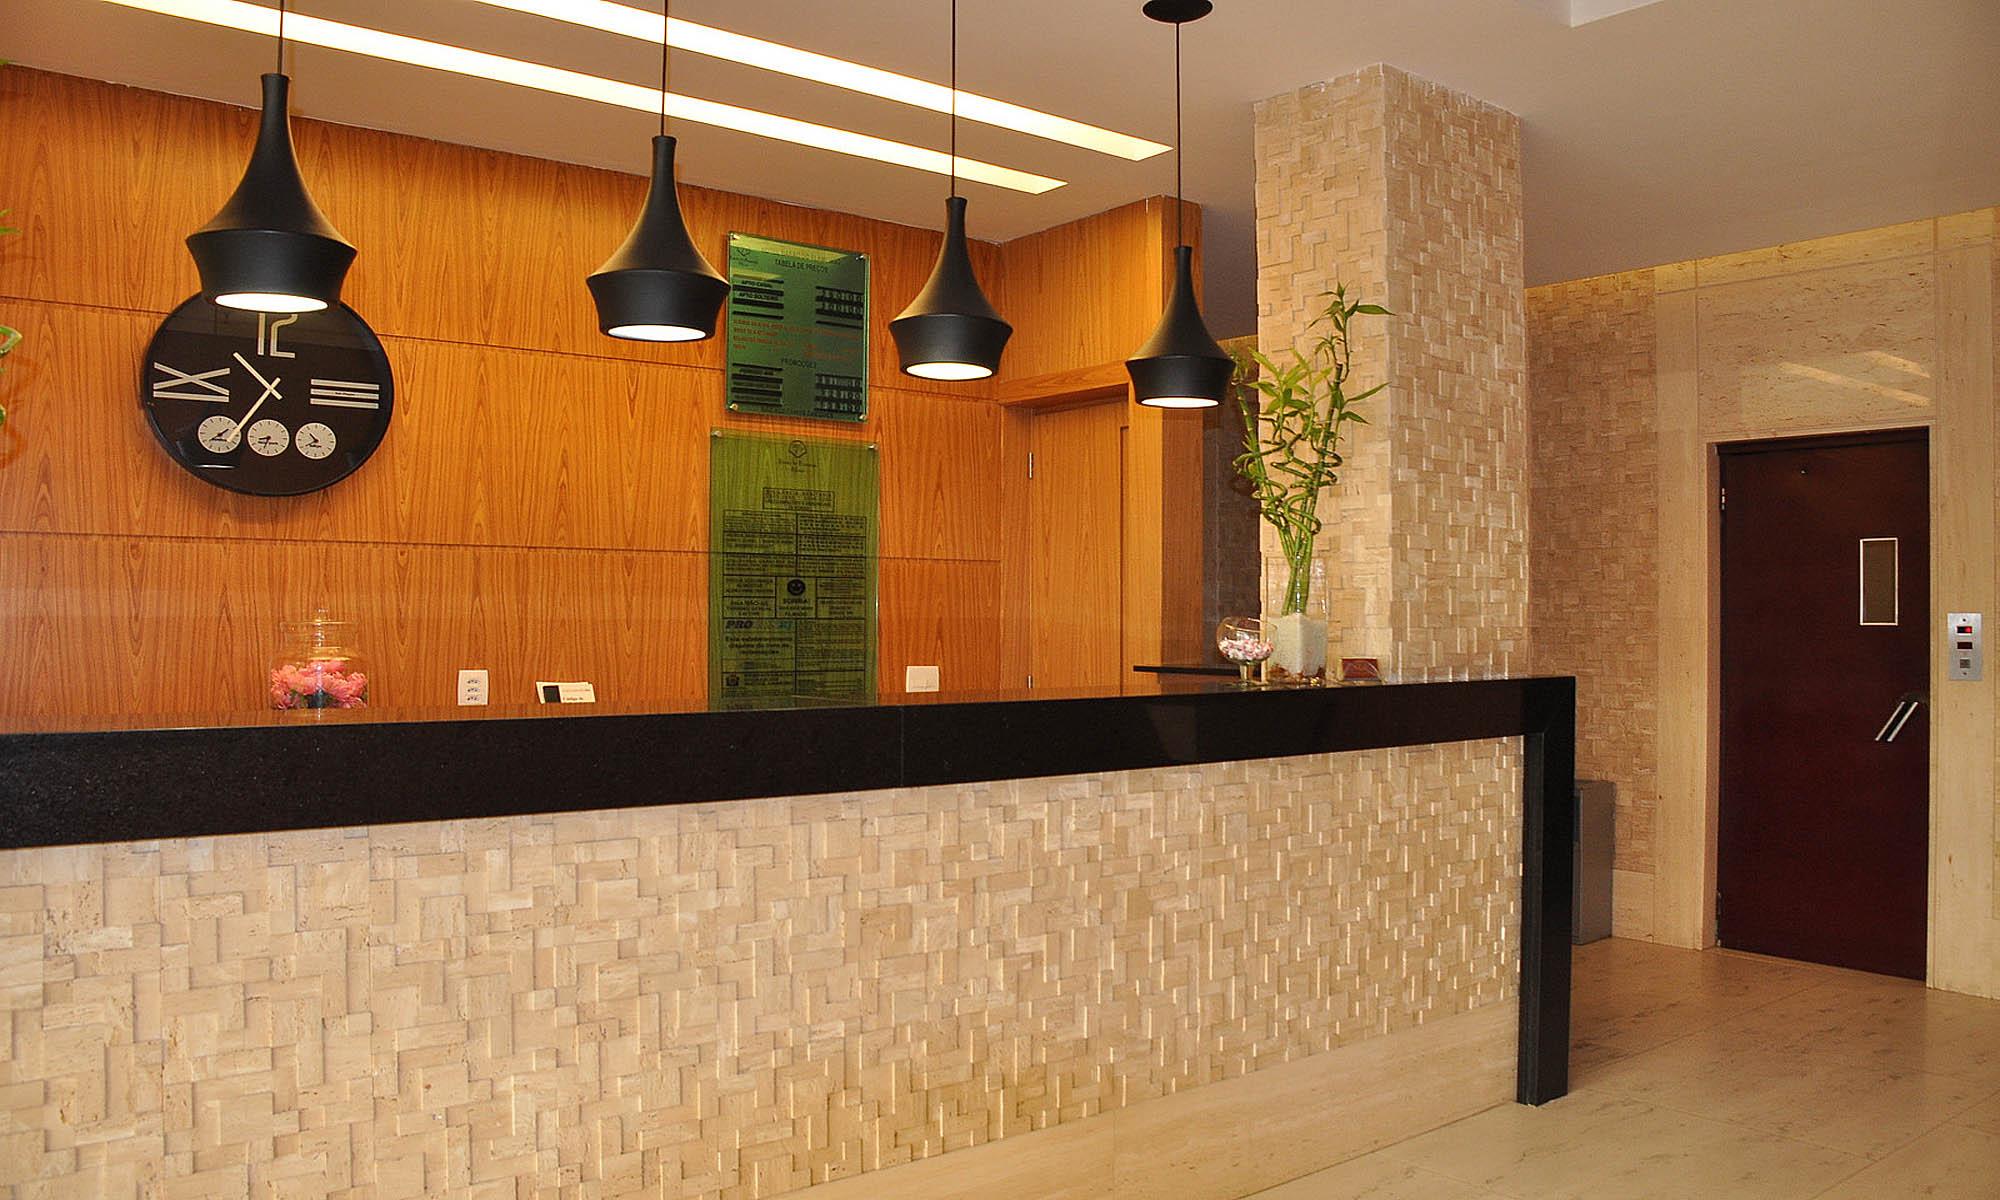 Hotel Barão do Flamengo